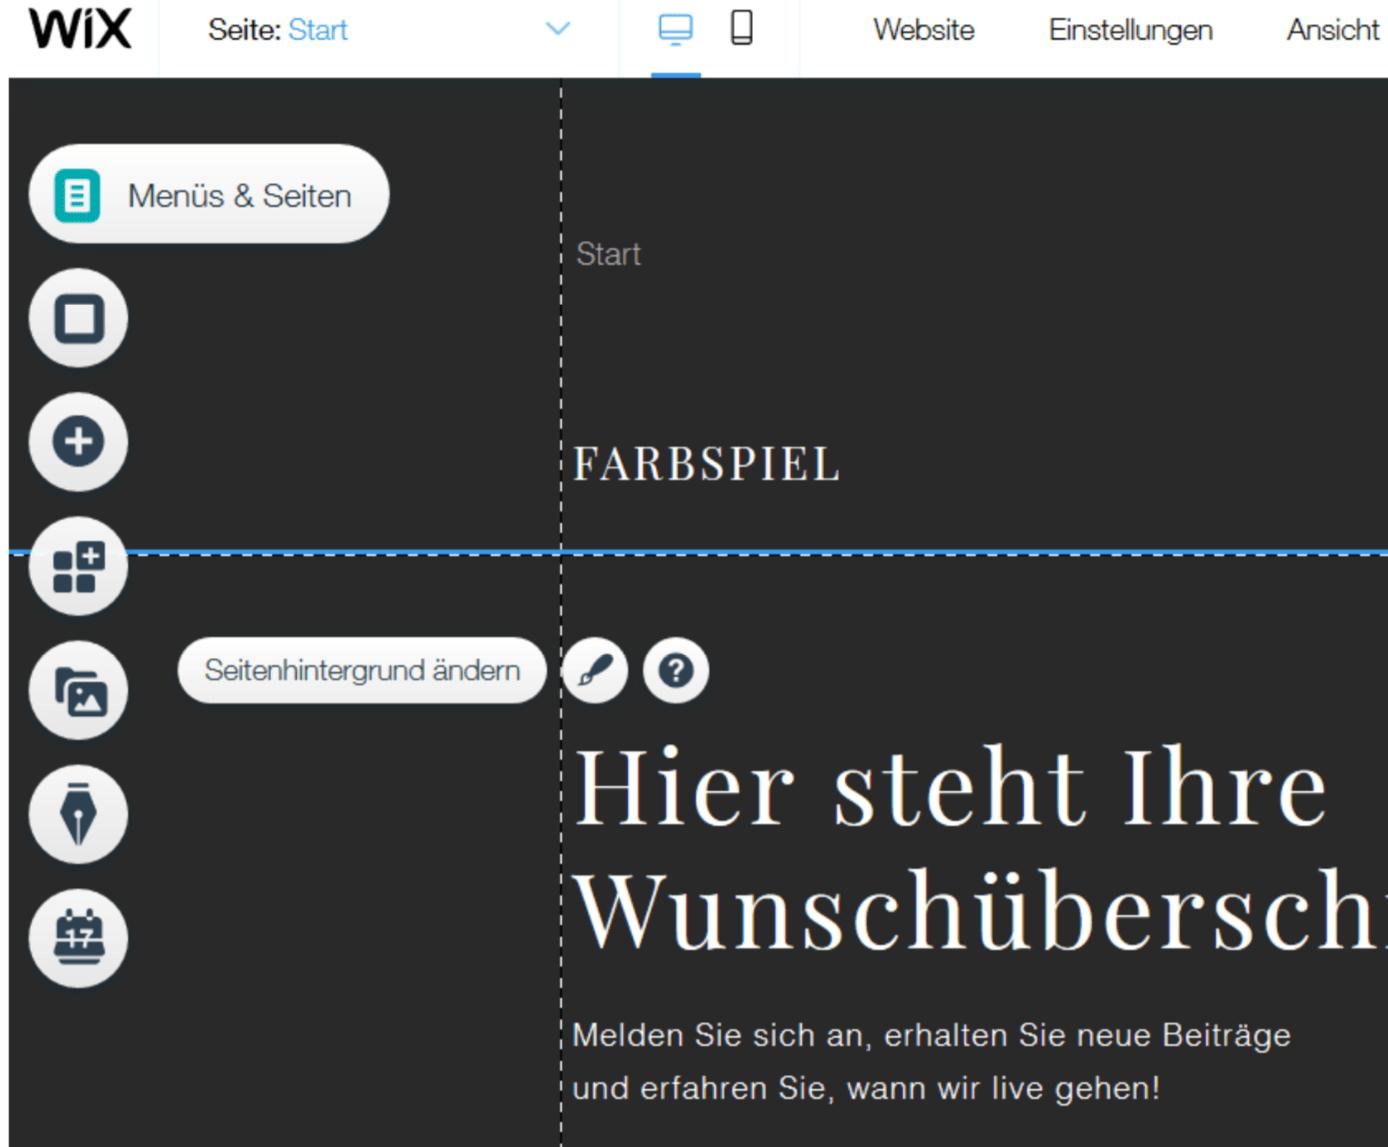 Professionelle Website erstellen mit Wix - Anleitung Schritt 13